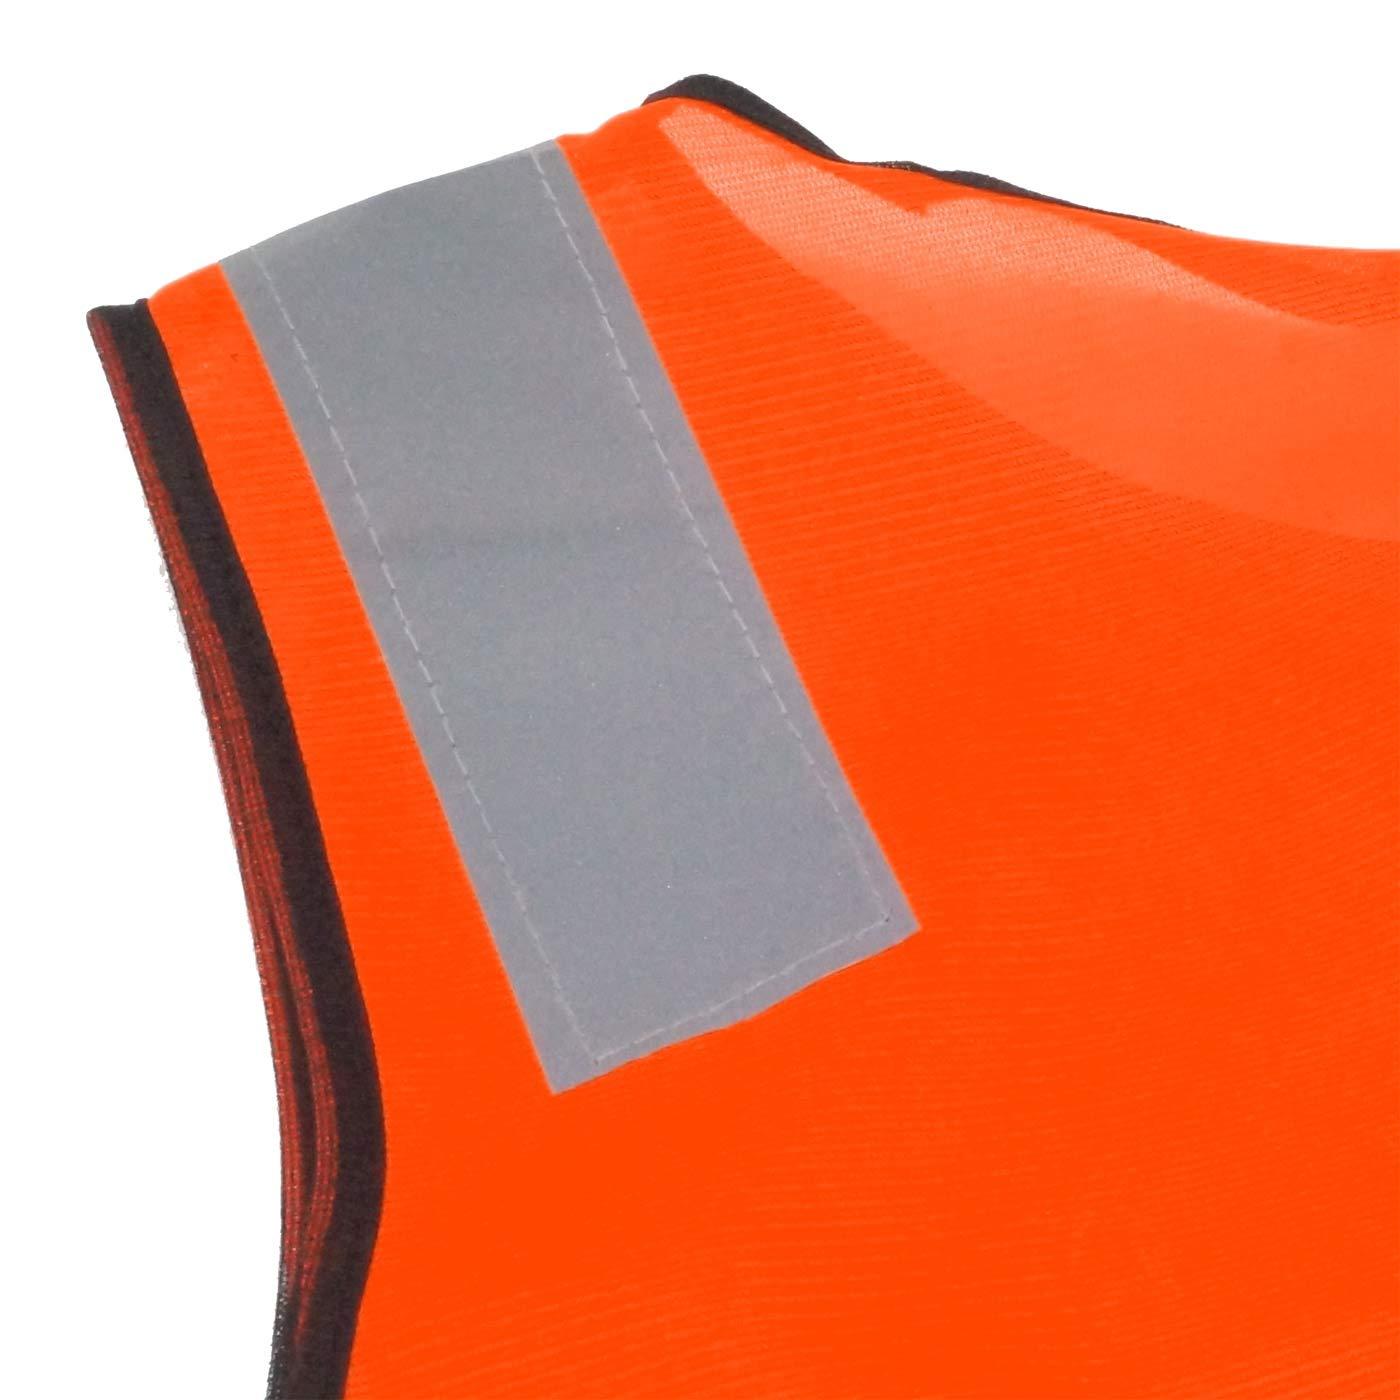 AIEOE 15 Pi/èces Gilet R/éfl/échissant Enfant sans Manches Veste Haute Visibilit/é Gilet de S/écurit/é /Él/ève Fille Gar/çon V/élo Jogging Voyage Activit/é Fluo Orange